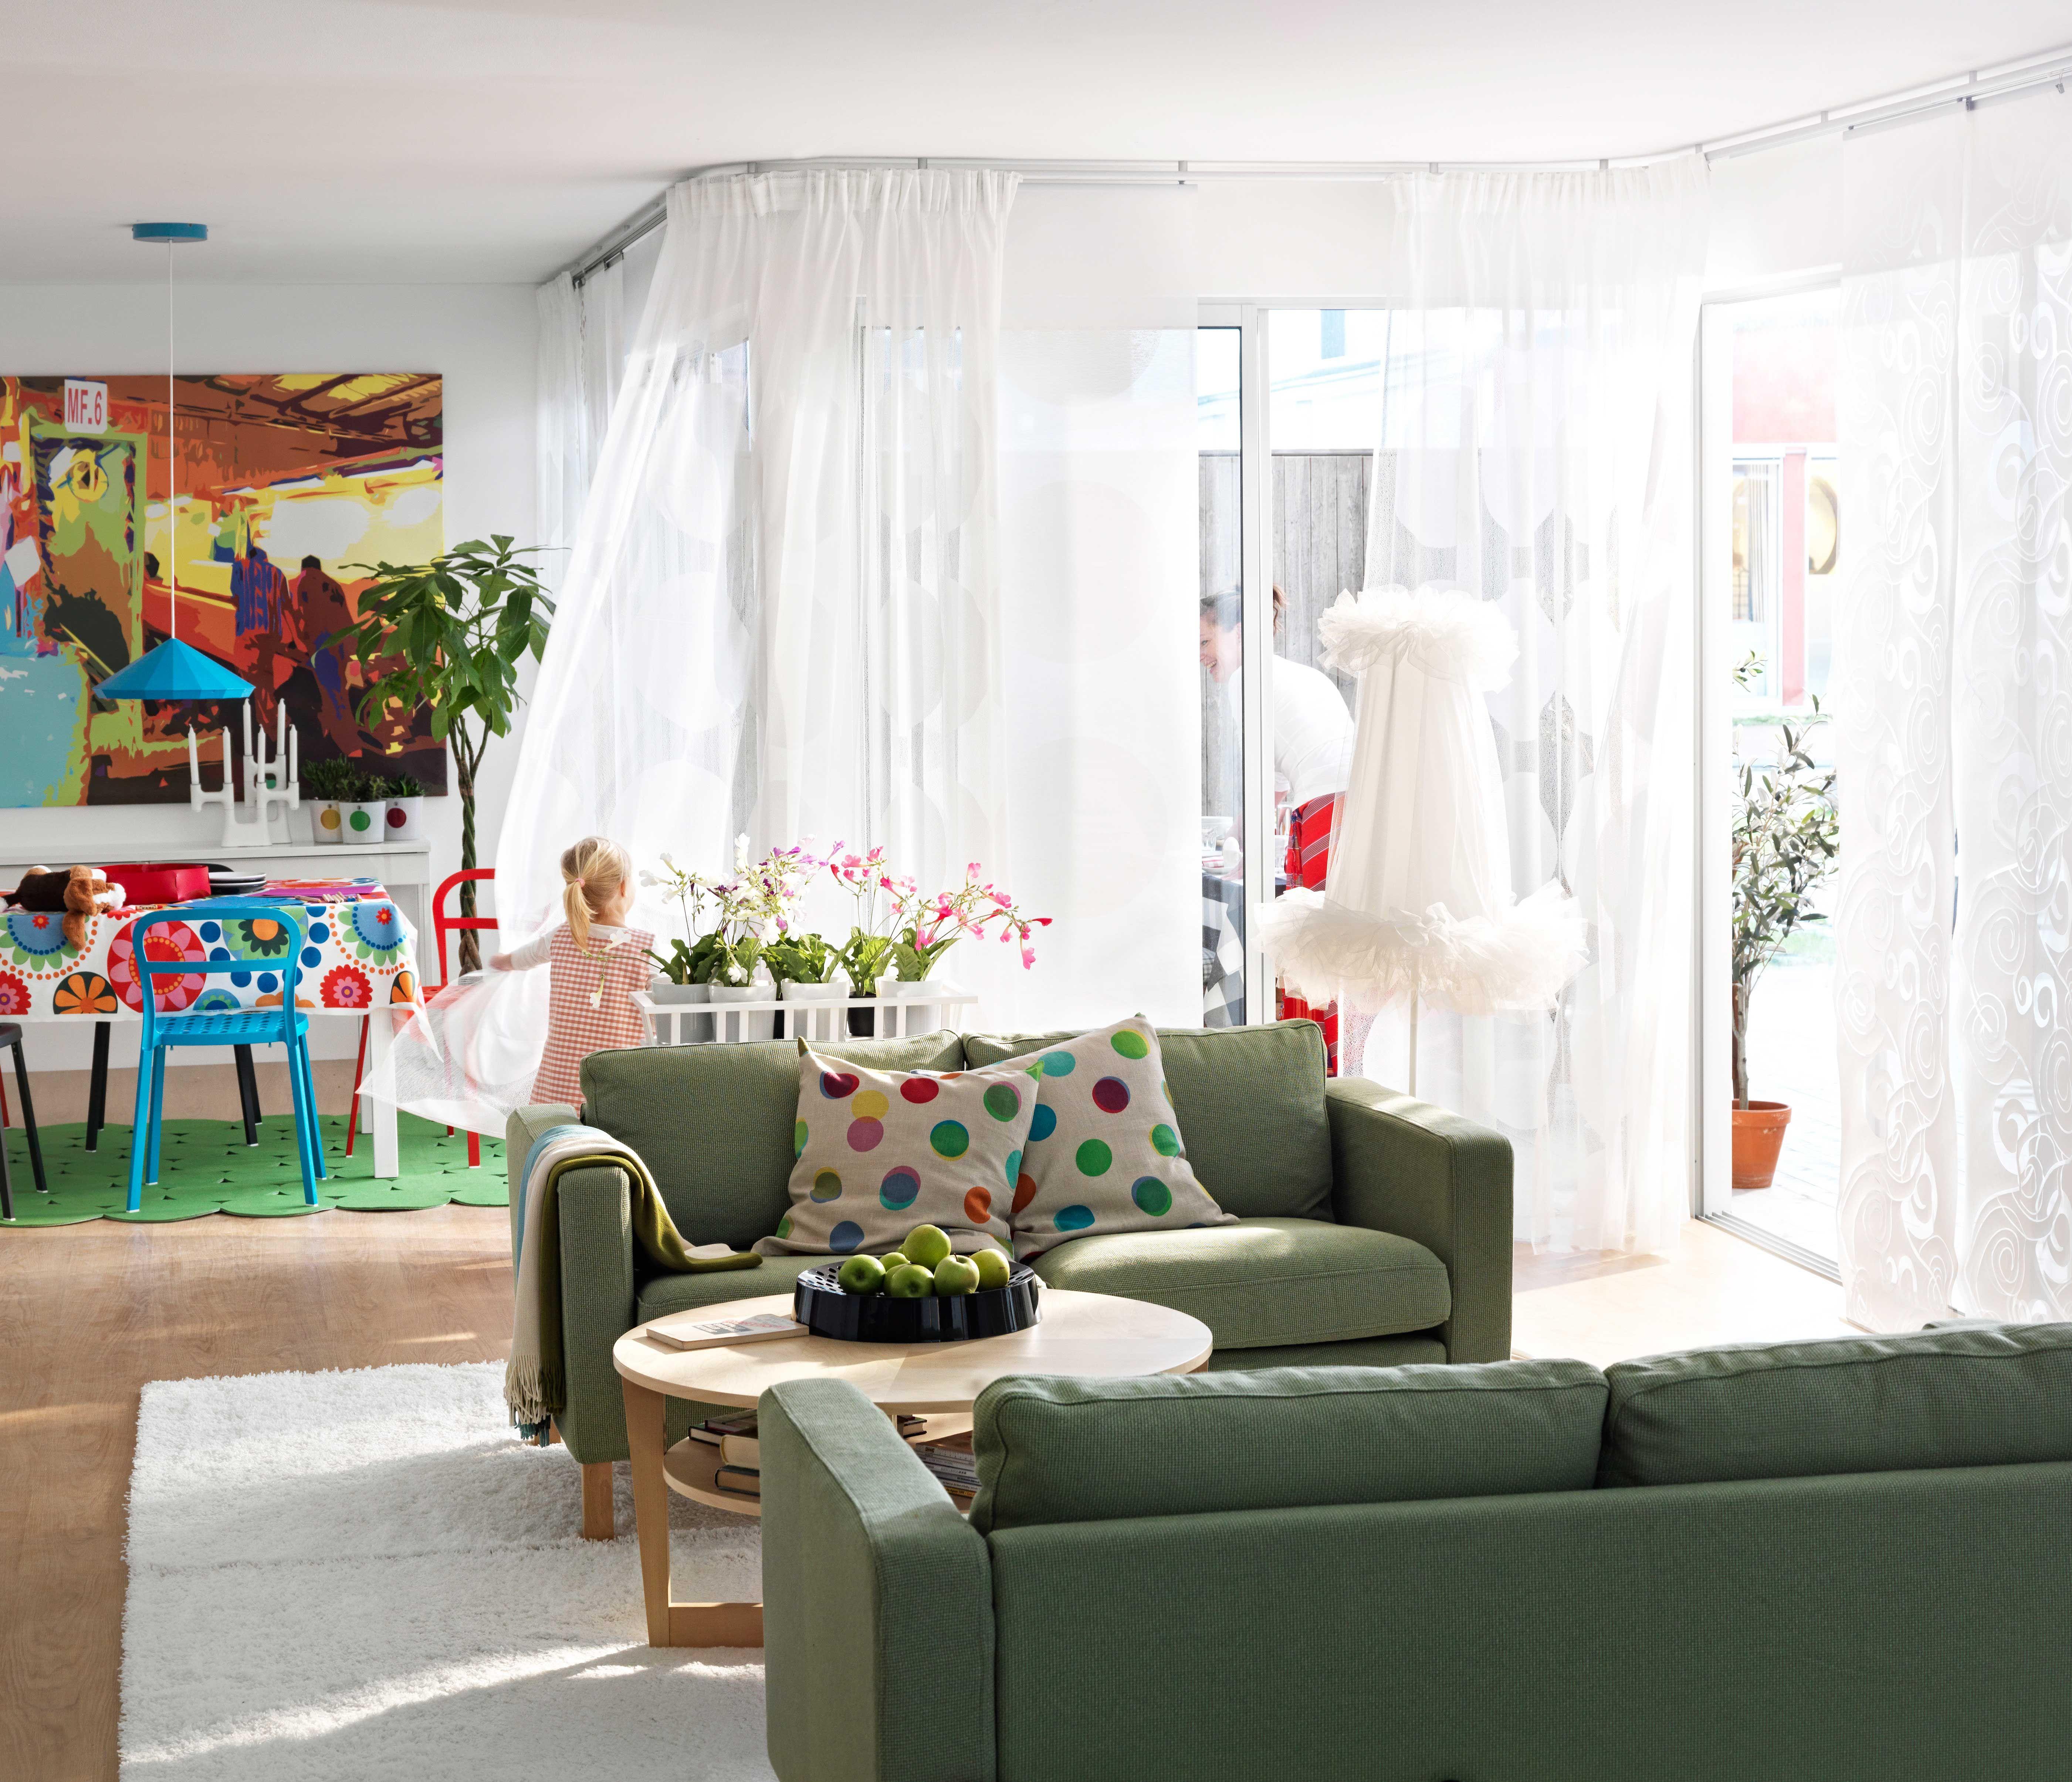 IKEA sterreich Inspiration Wohnzimmer Sitzecke grn Sofa KARLSTAD Kissenbezug IKEA PS